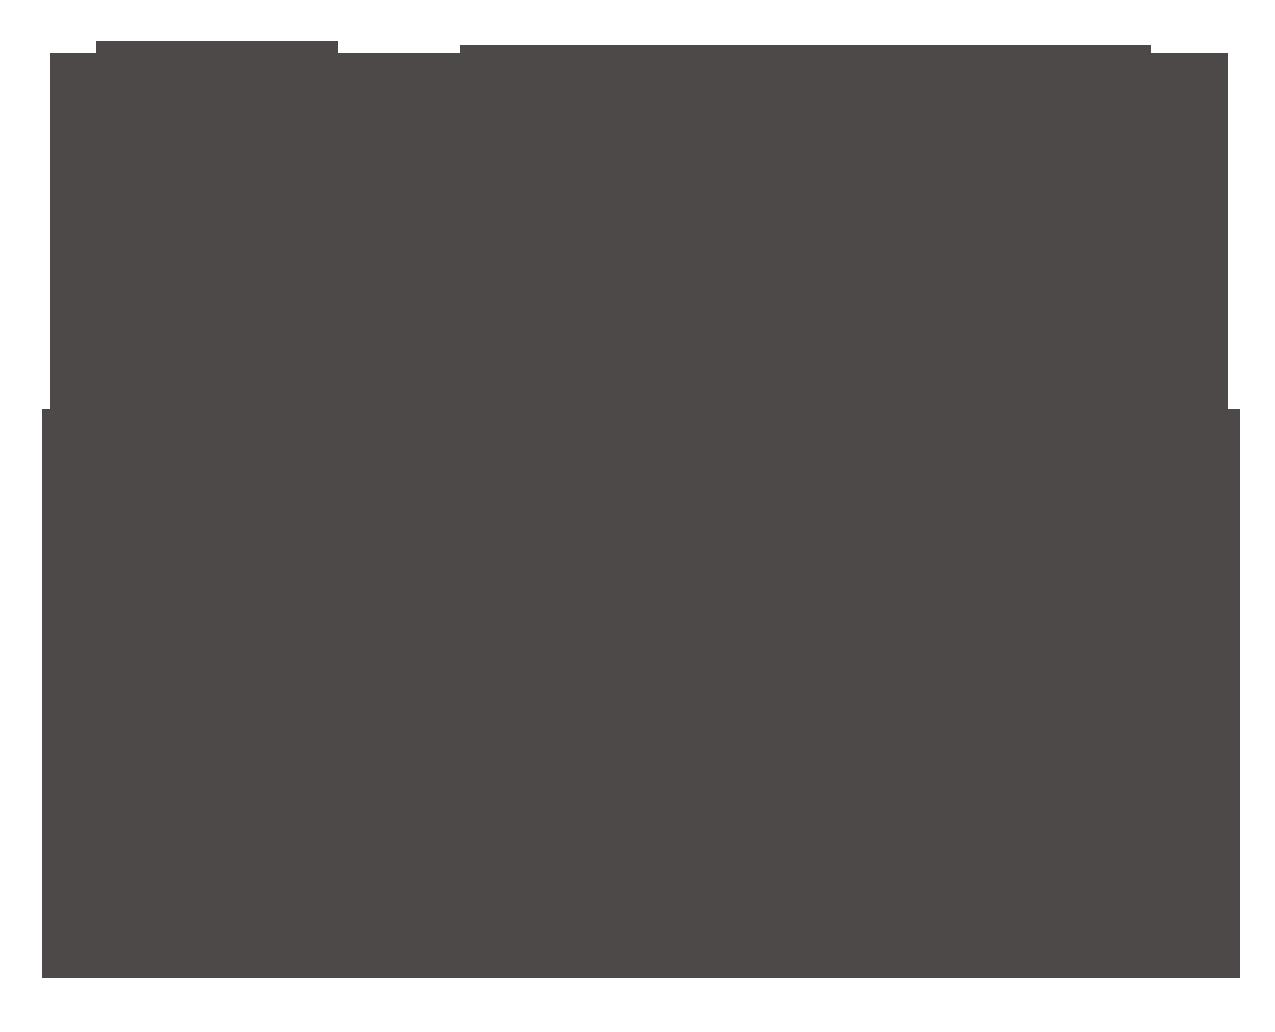 北京山禾金缘艺术设计股份有限公司